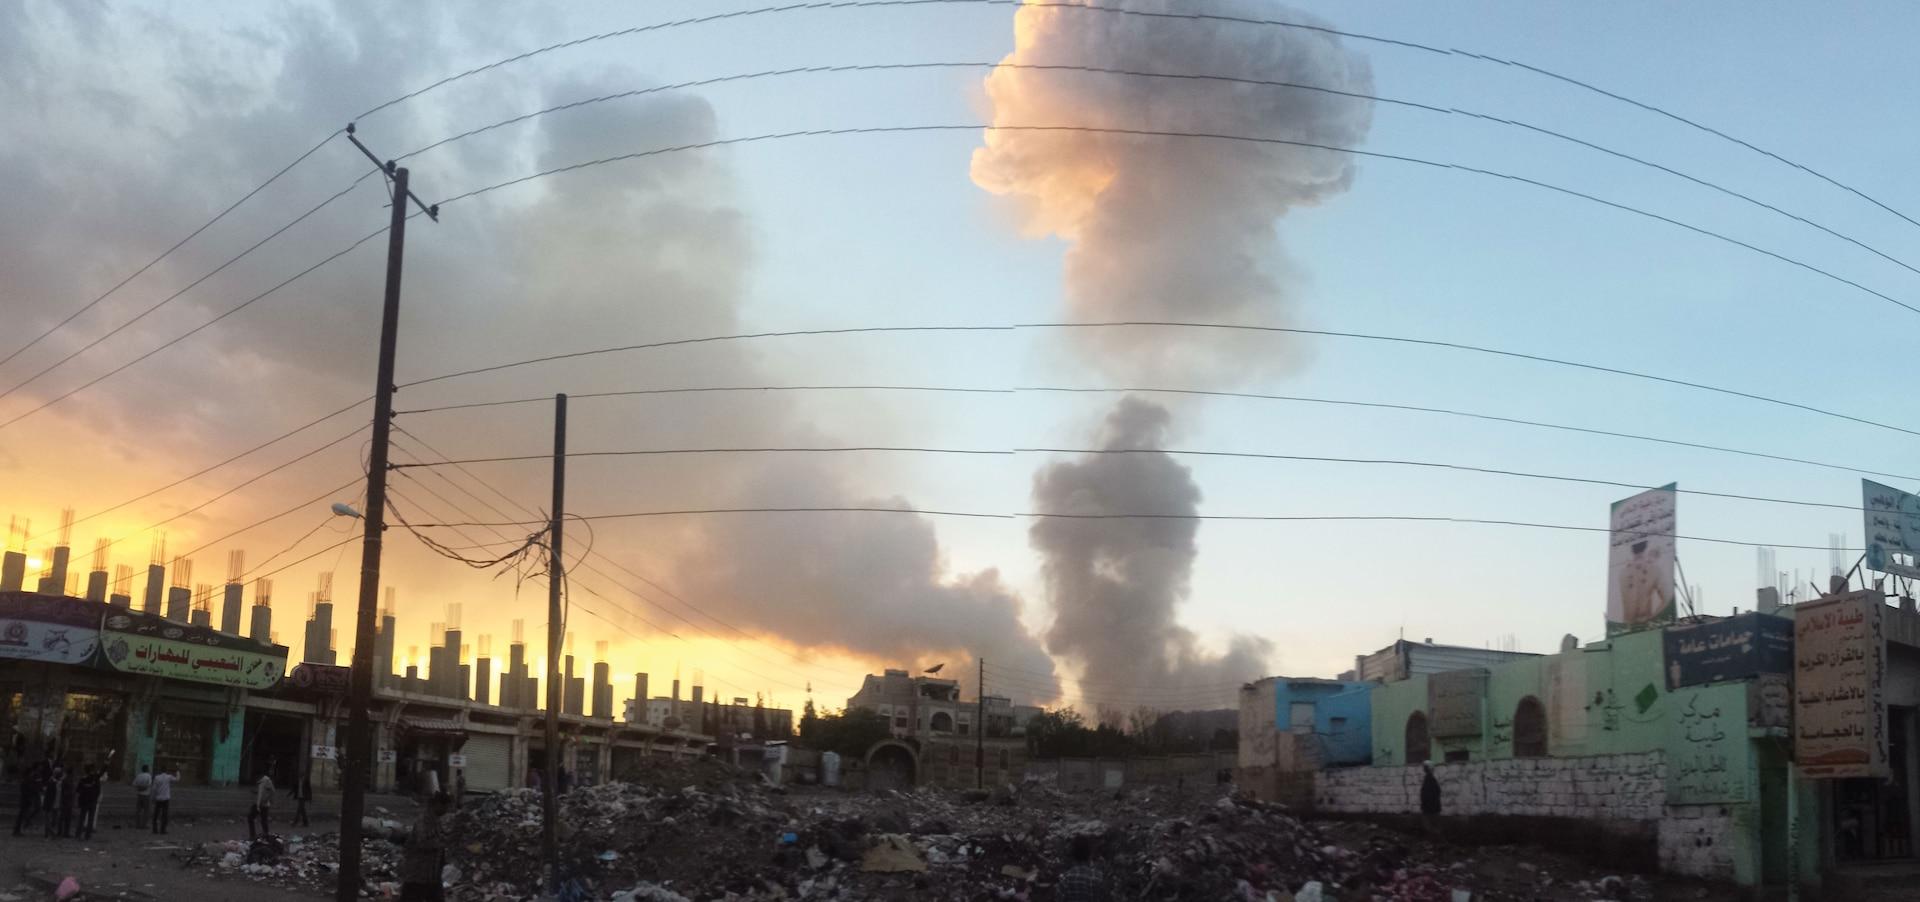 Air strike in Sana'a